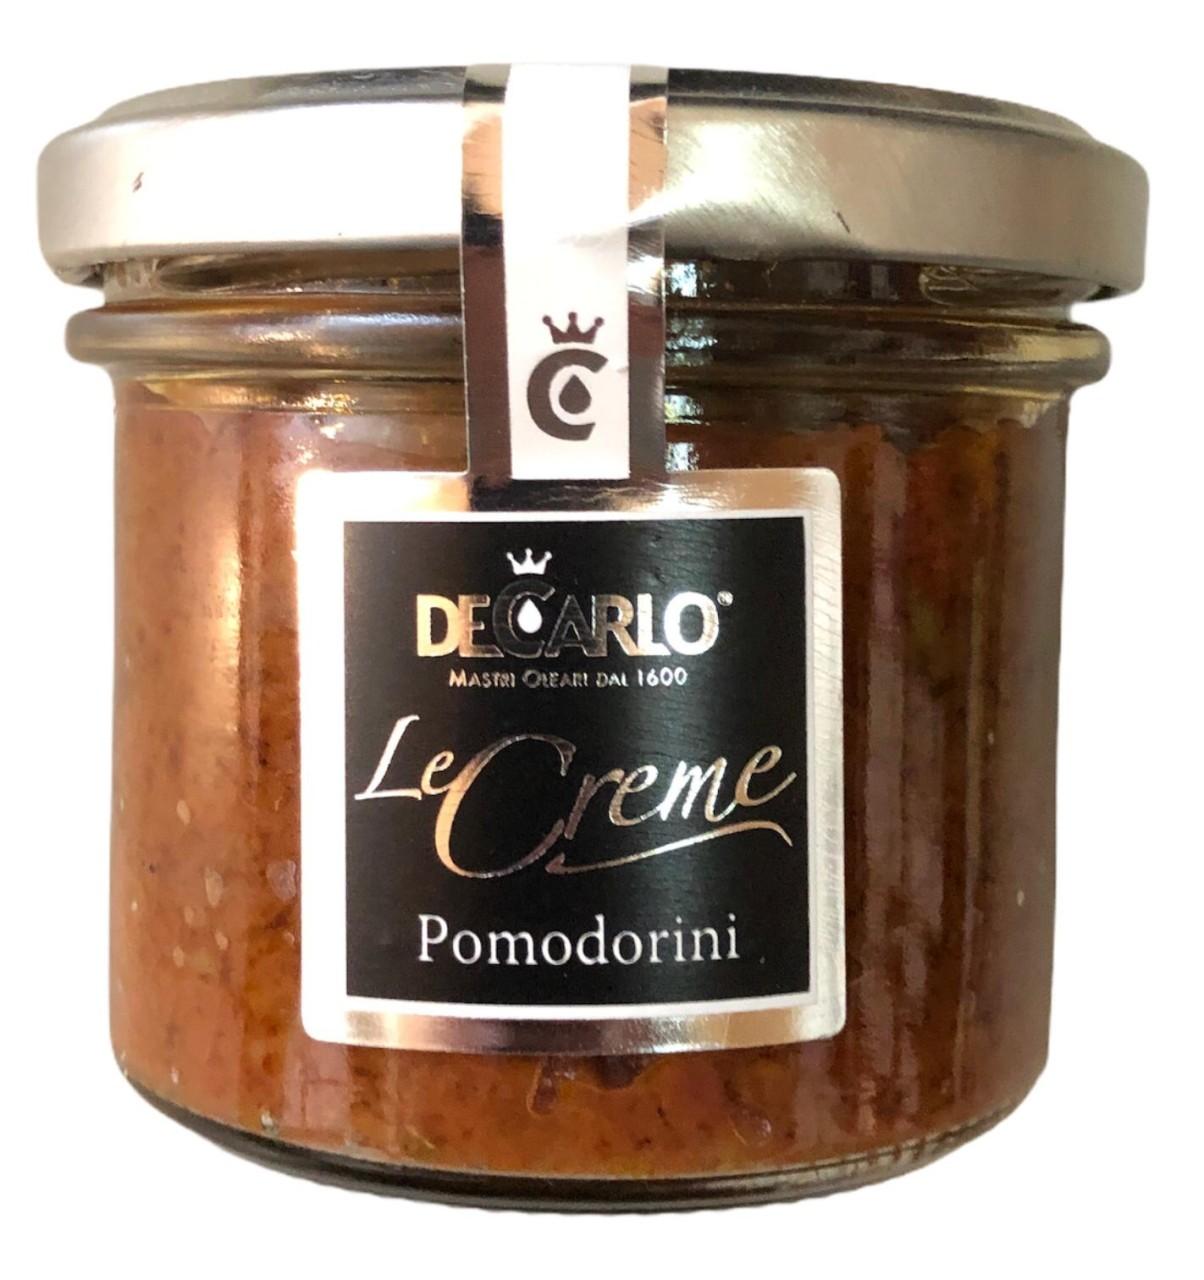 De Carlo Le Creme Pomodorini 130 g